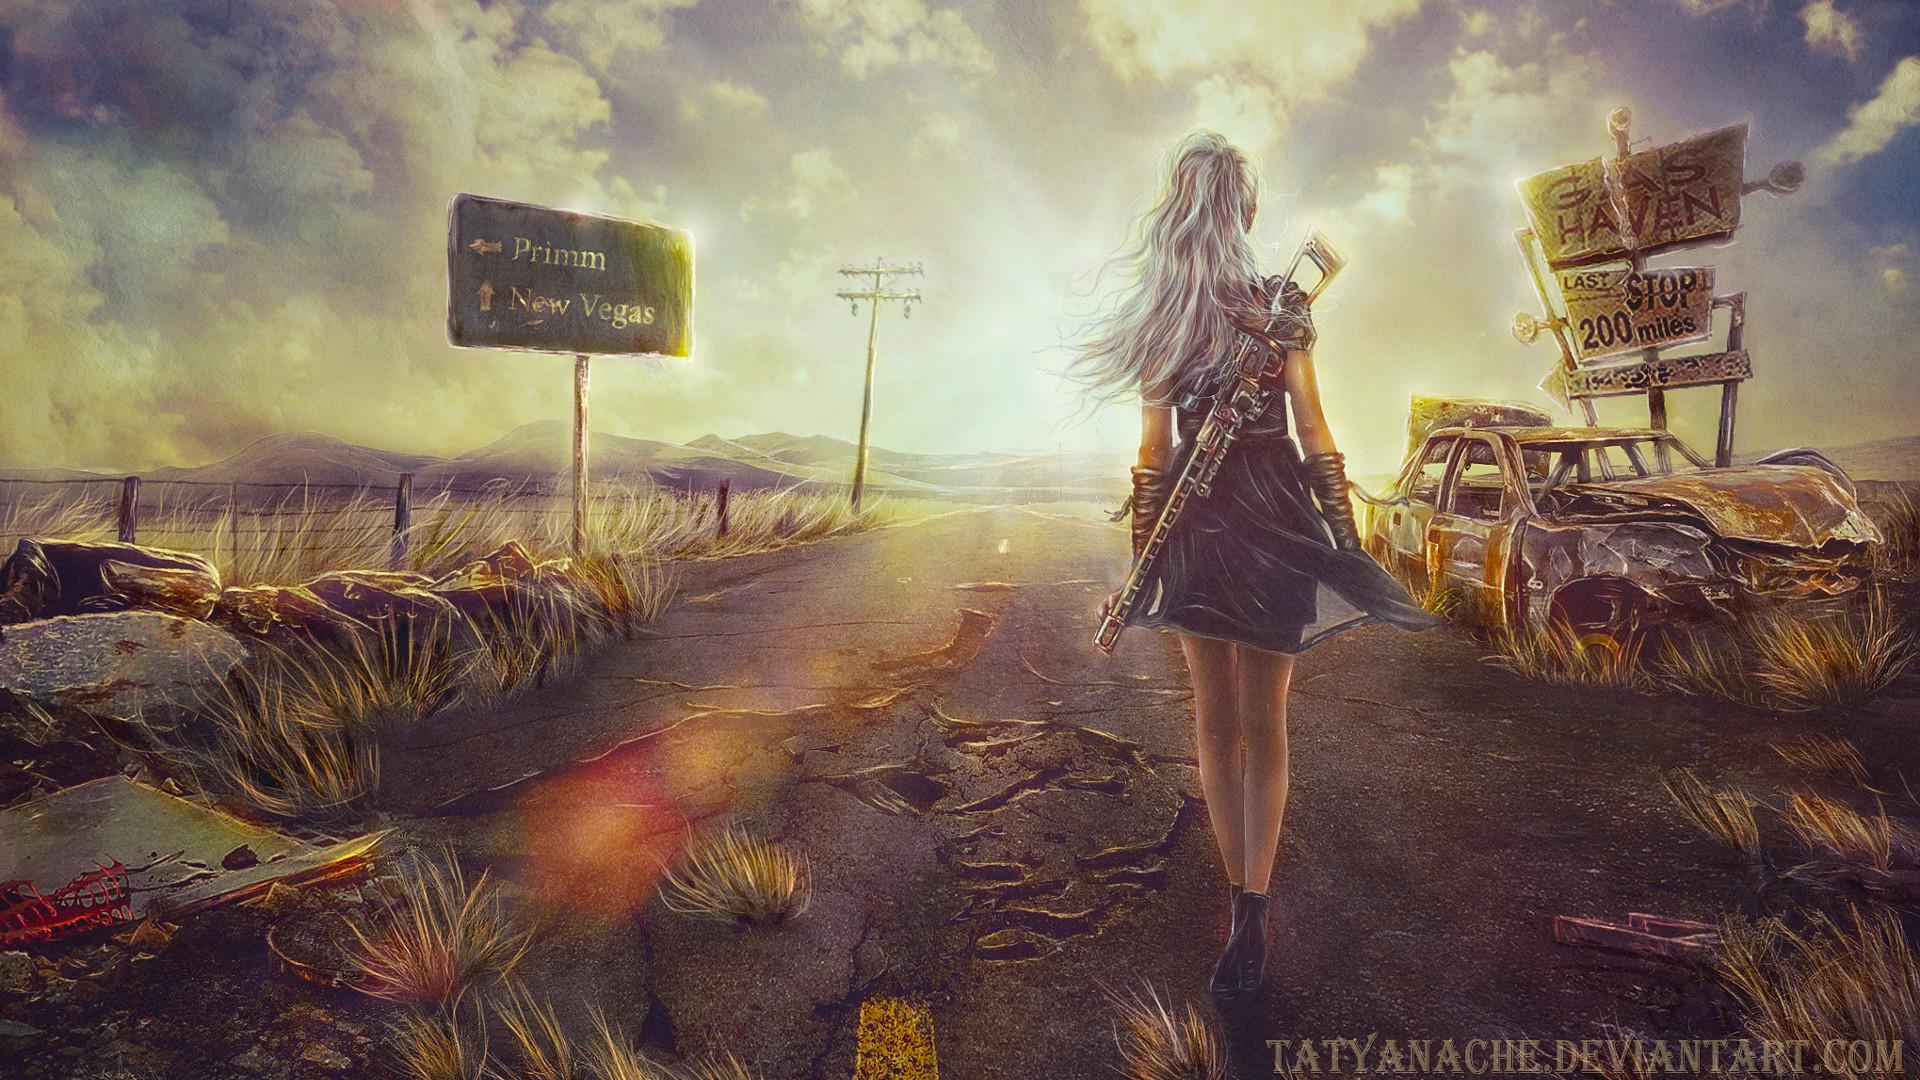 … Fallout: New Vegas – Fanart – Background …